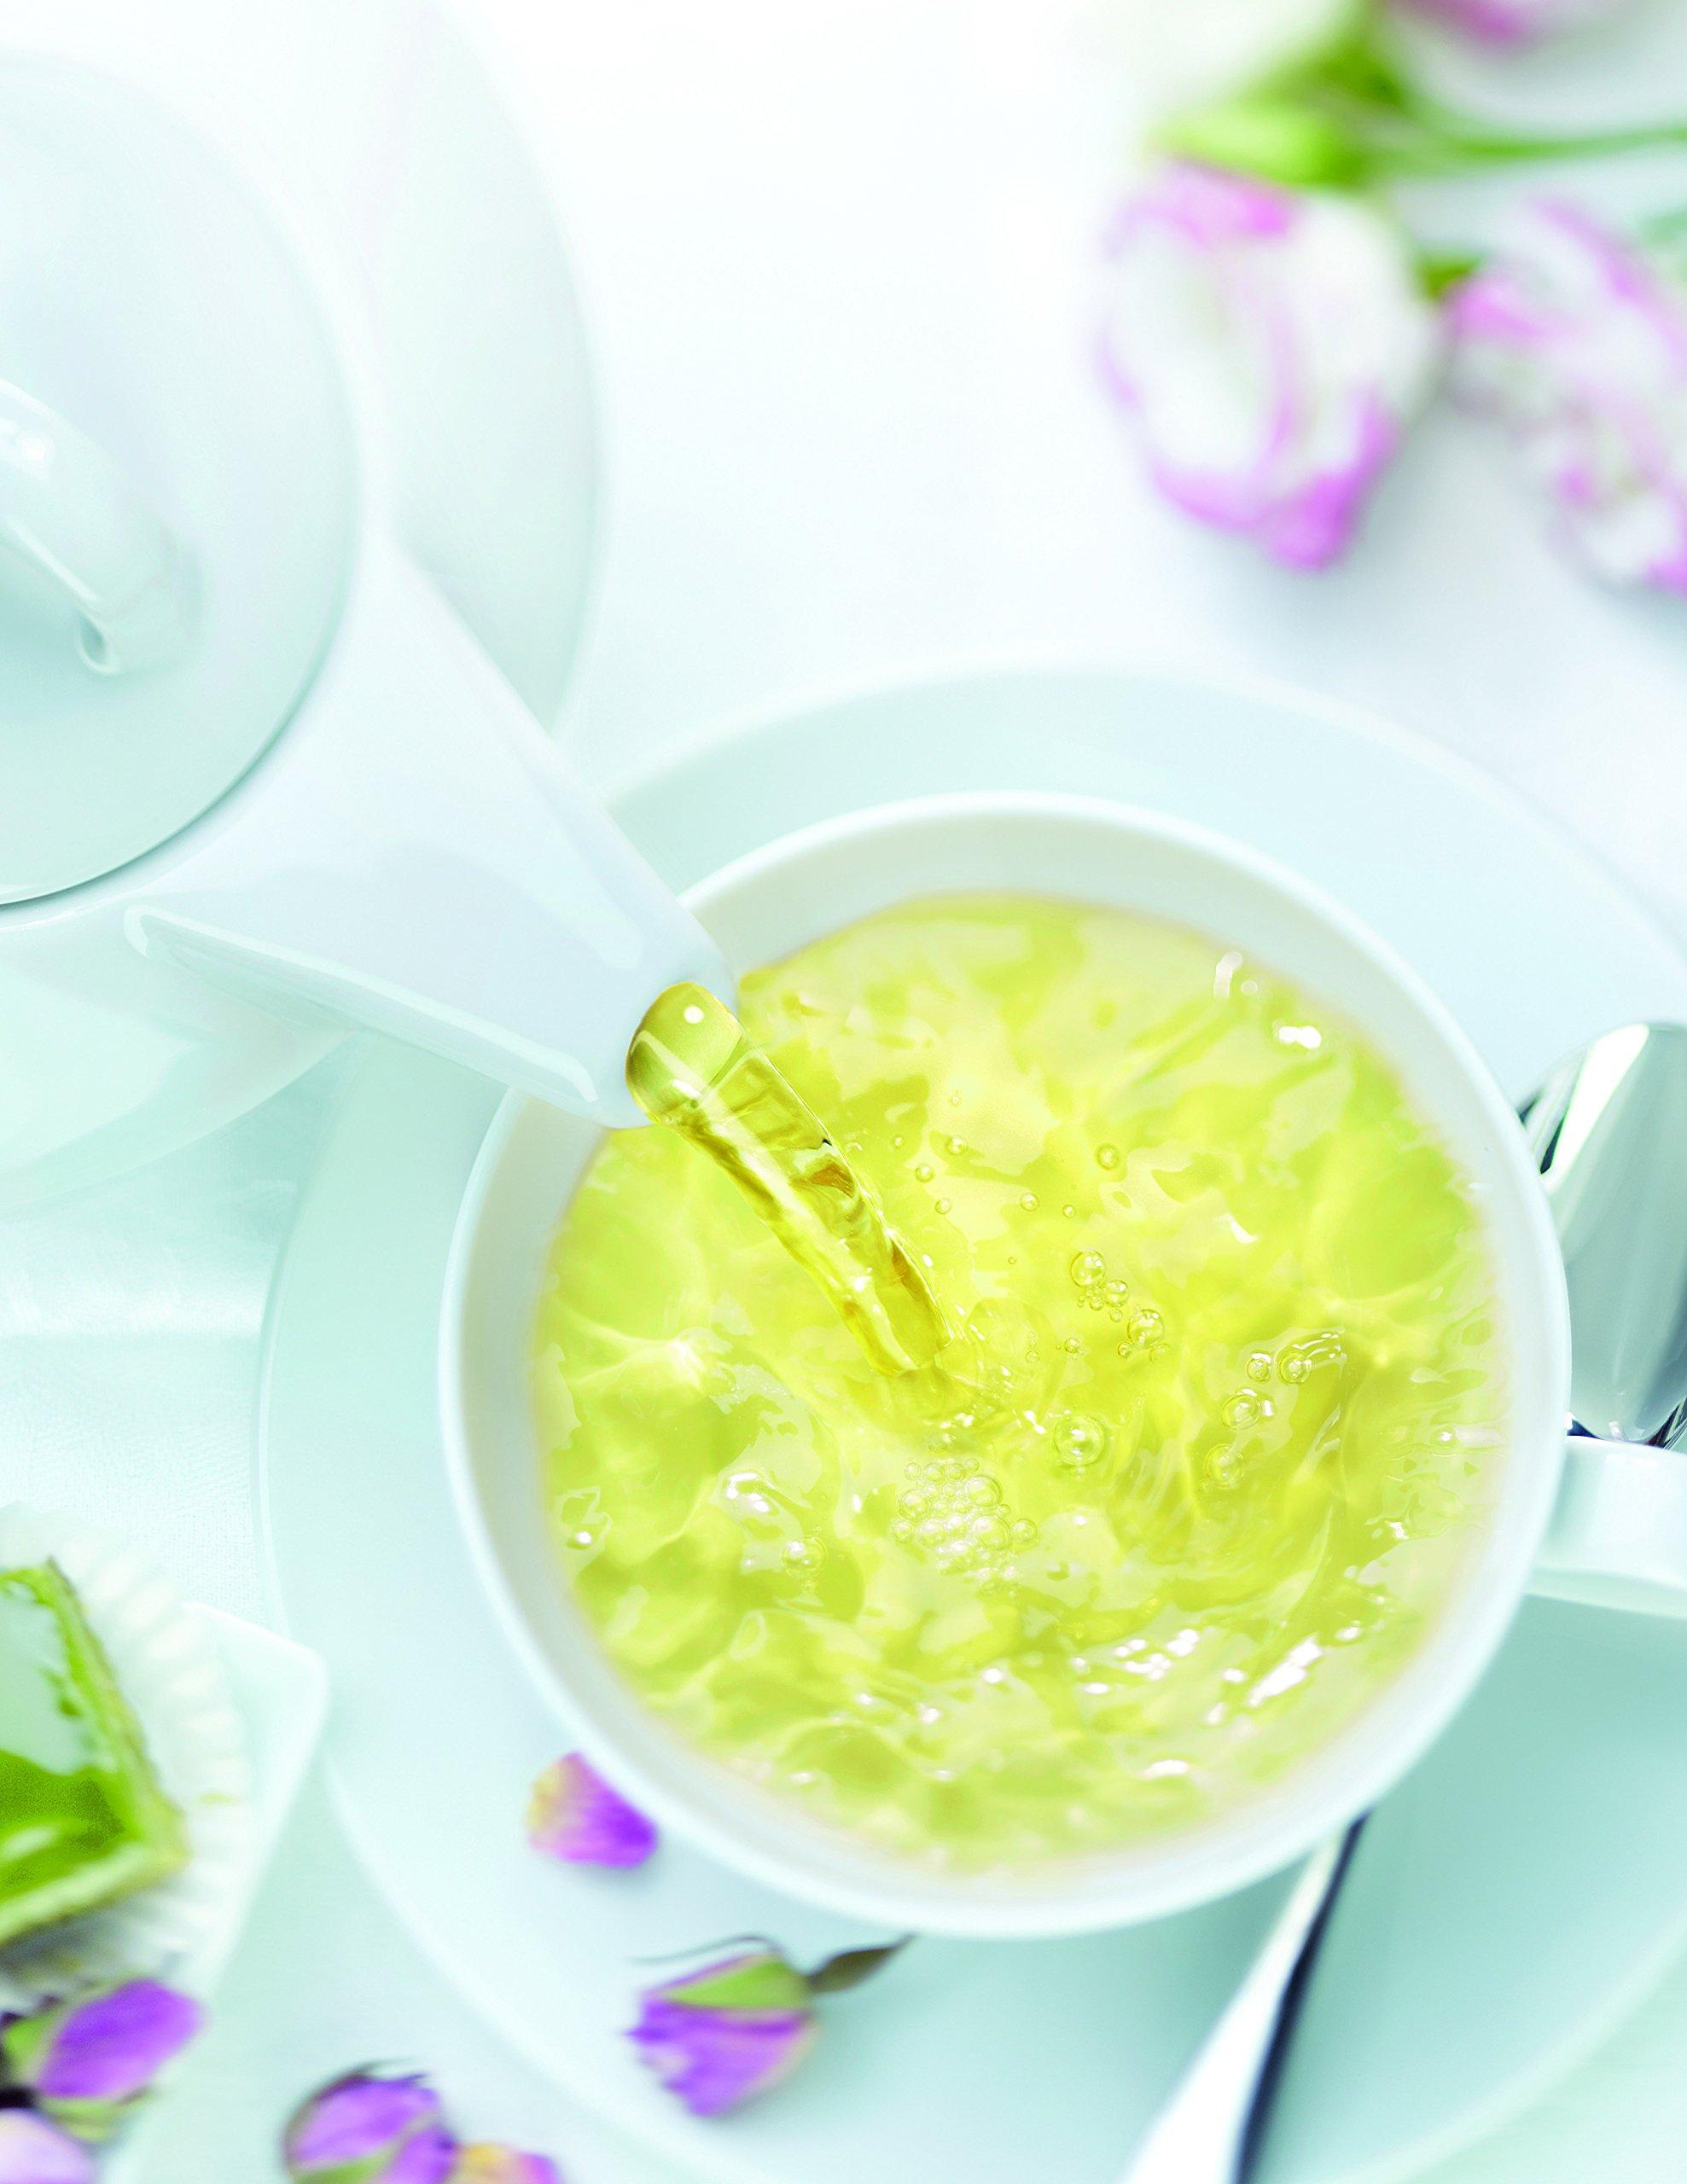 Ronnefeldt-Teavelope-Green-Angel-Aromatisierter-Grner-Tee-mit-Birne-Pfirsichgeschmack-Bio-Qualitt-Teebeutel-25-x-15-g